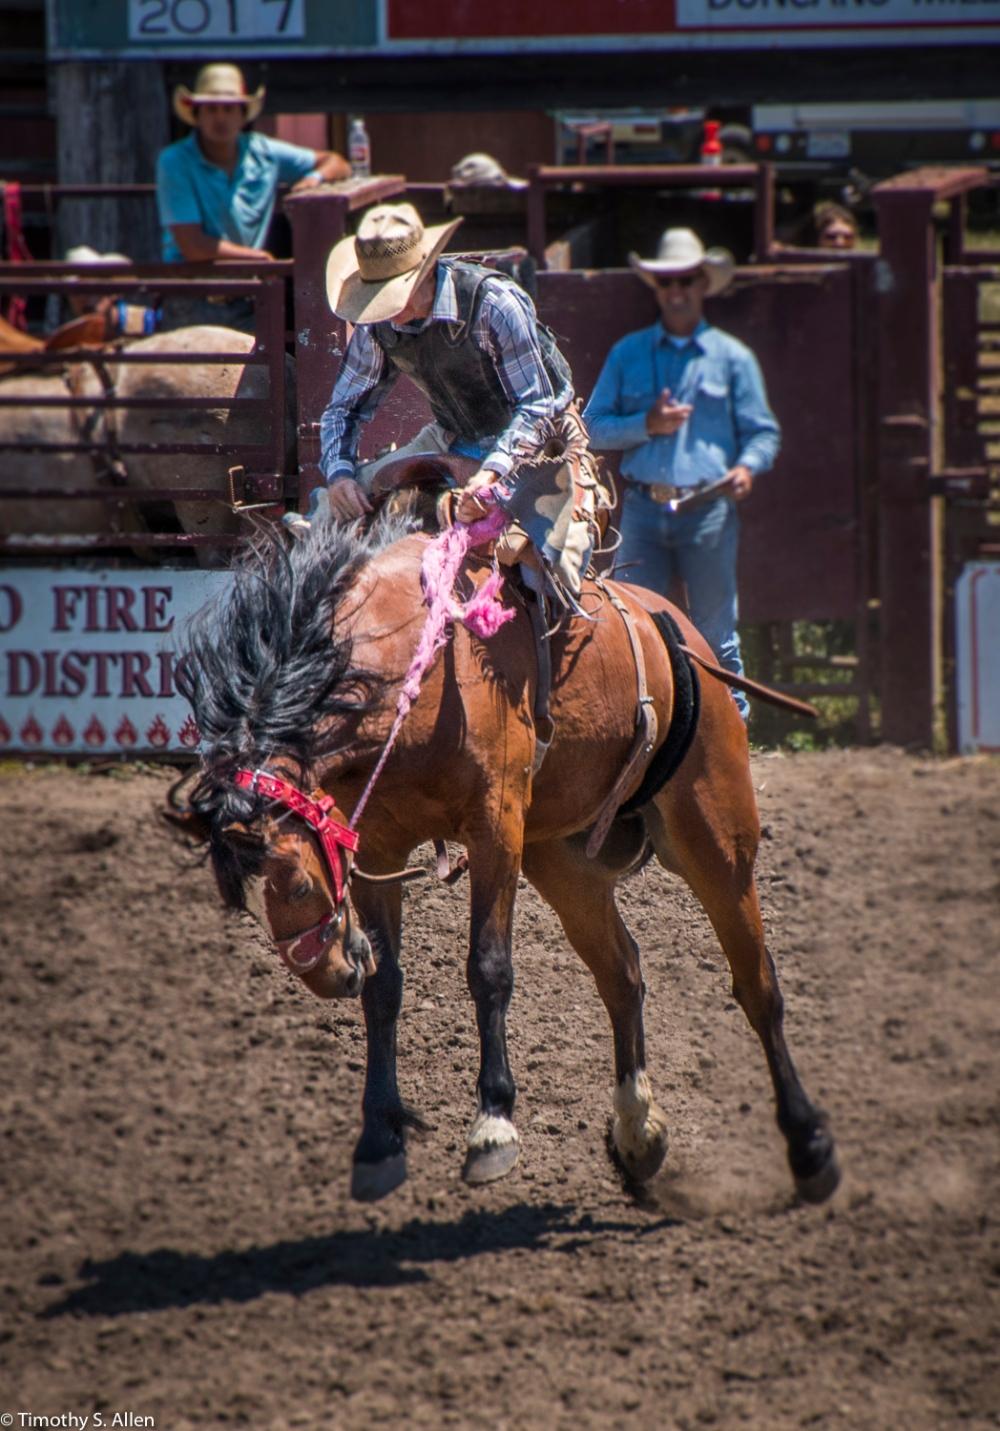 Russian River Rodeo - Duncan Mills, CA, U.S.A. June 24, 2017